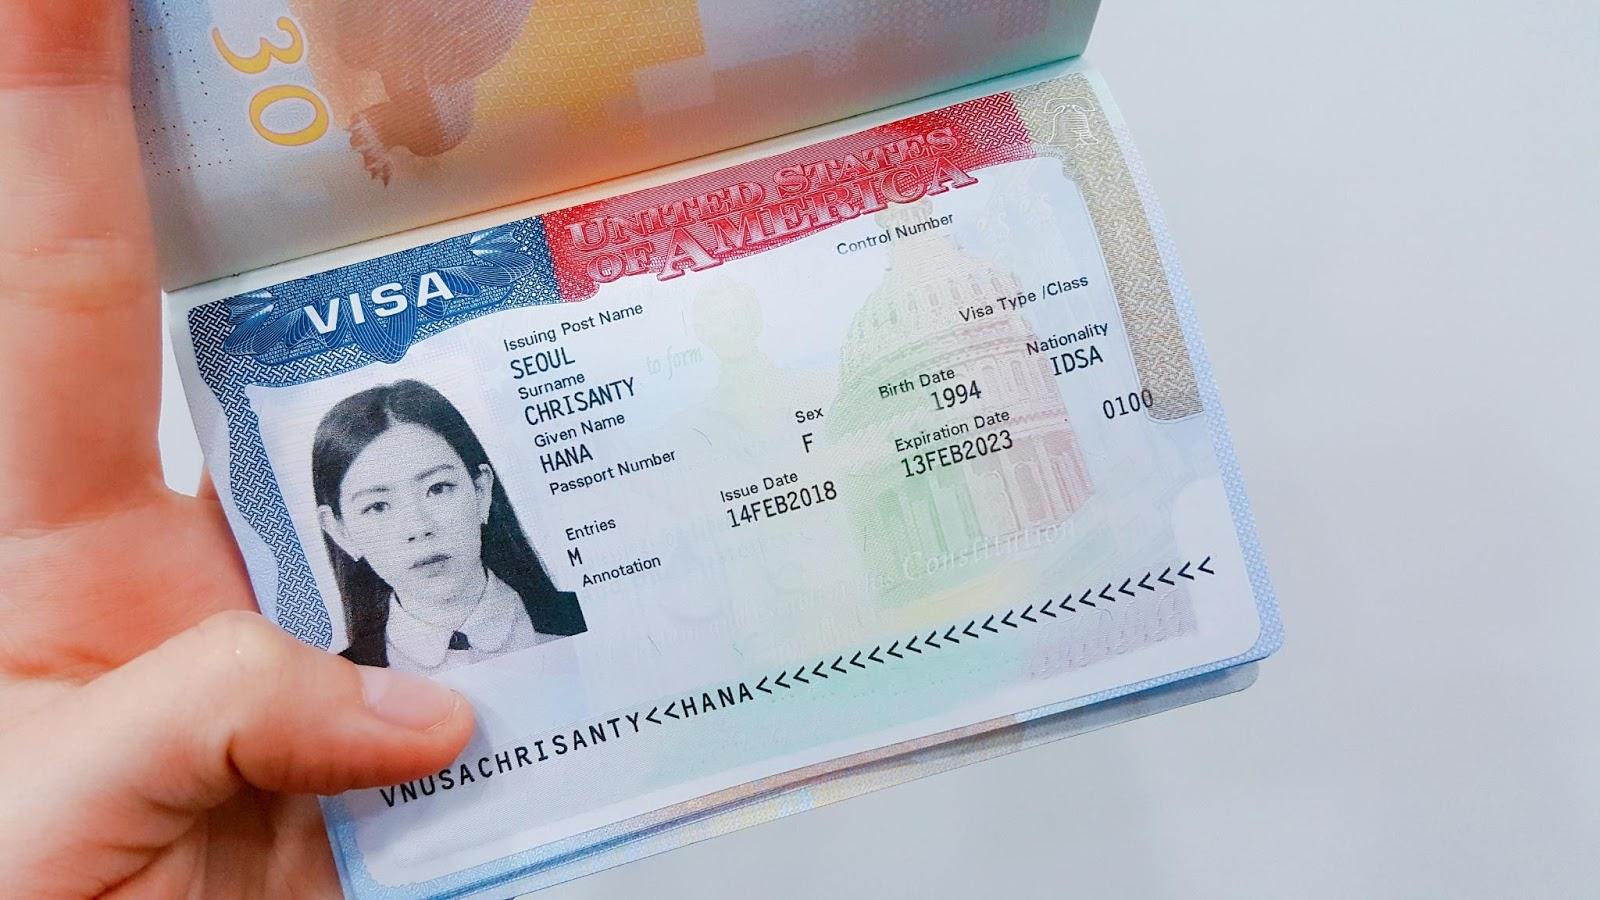 EAT TRAVEL REPEAT: [VISA] INDONESIAN MADE AMERICAN VISA IN KOREA